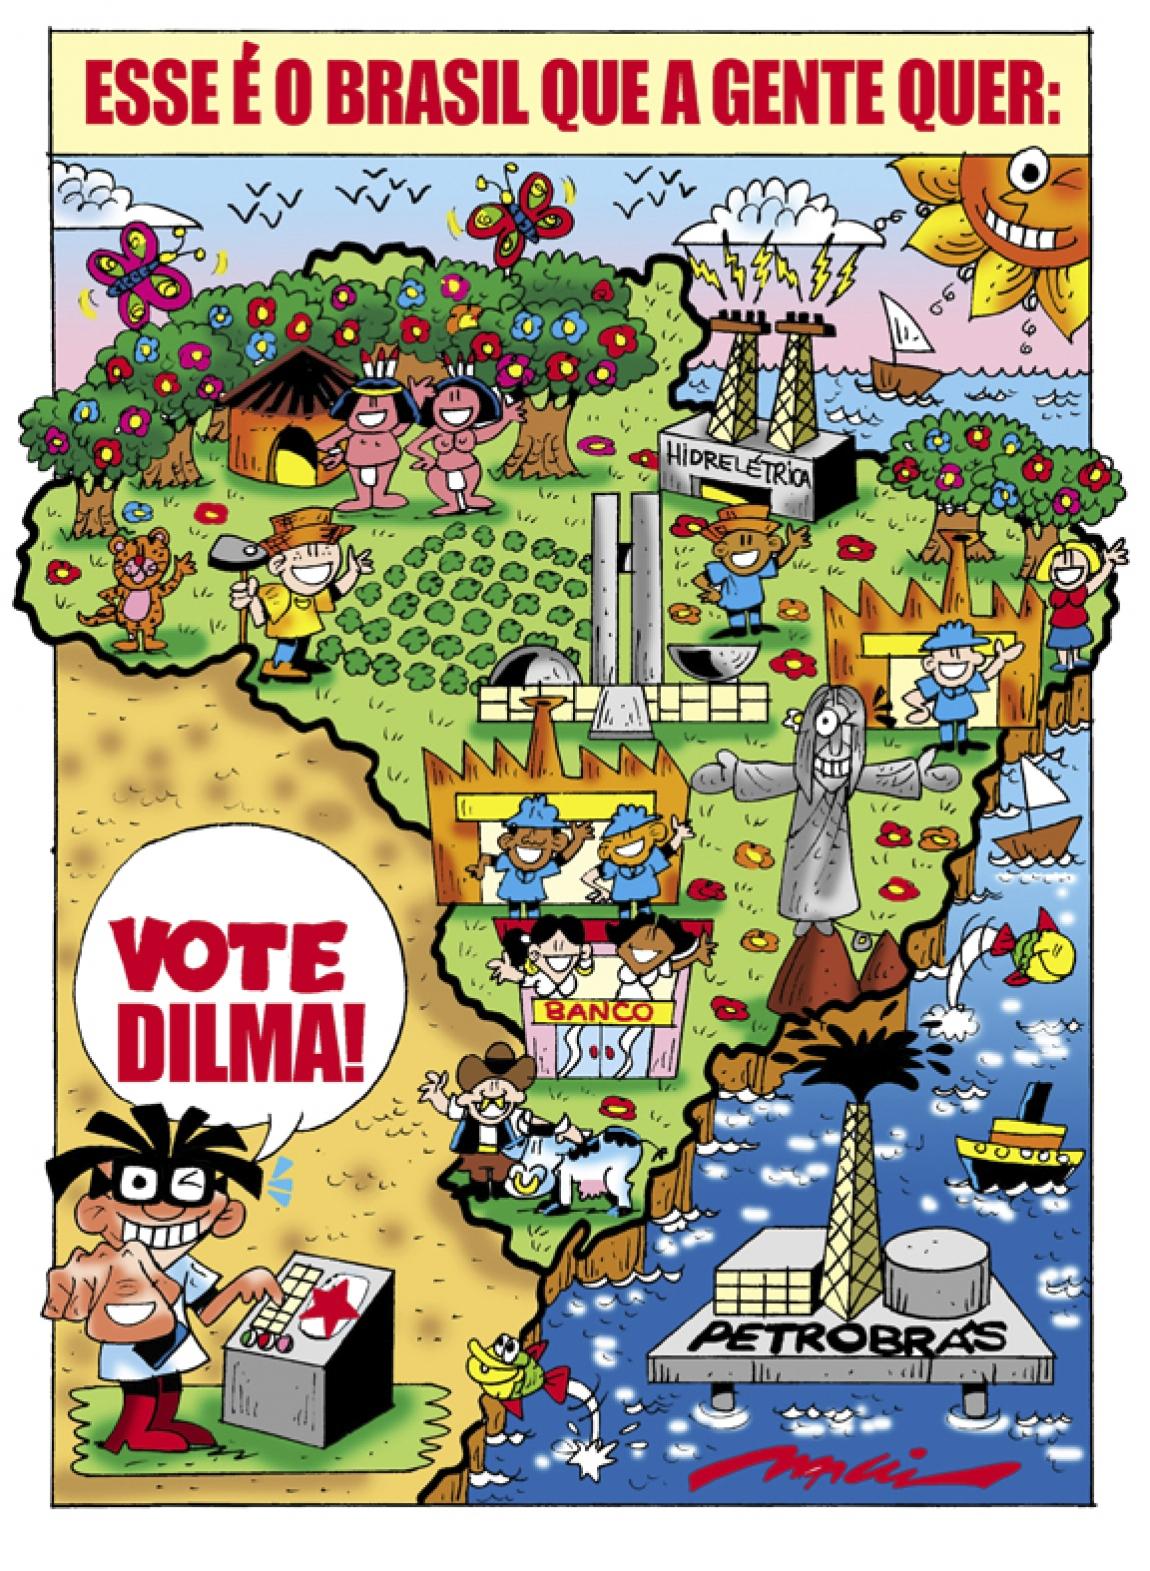 Imagem de Governo Lula e Dilma deu goleada na gestão tucana